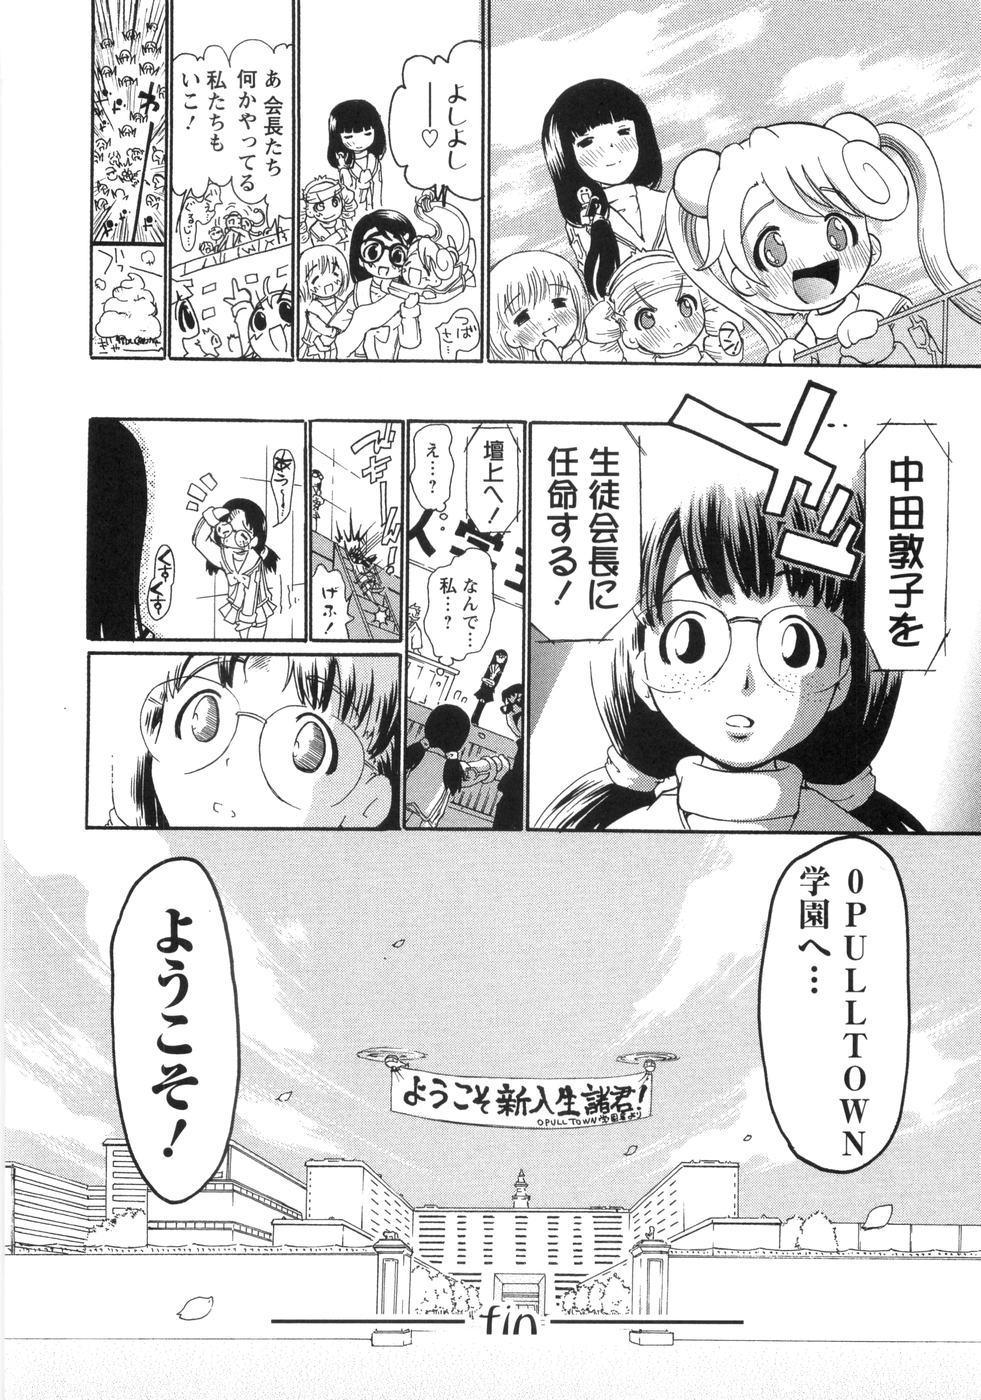 0 PULL TOWN Gakuen e Youkoso! 190